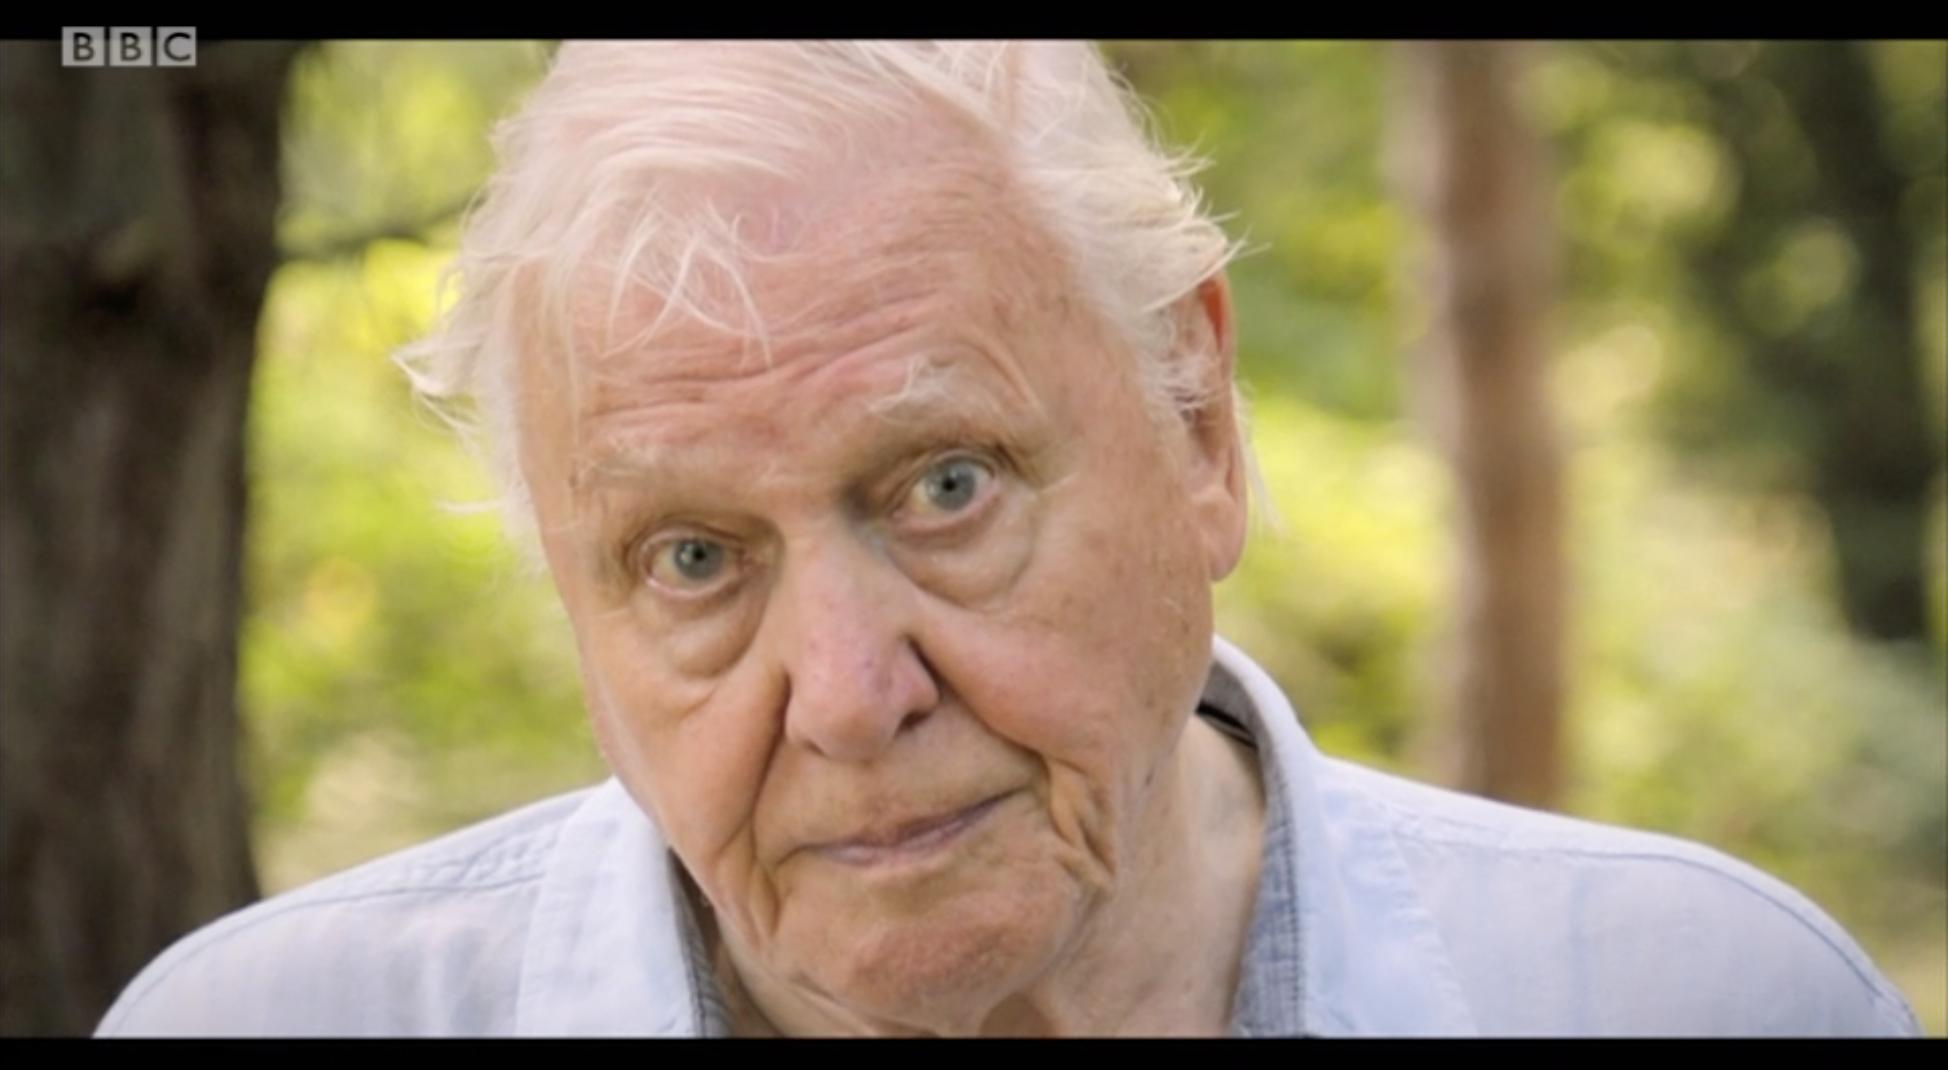 Sir David Attenborough's new documentary terrifies viewers